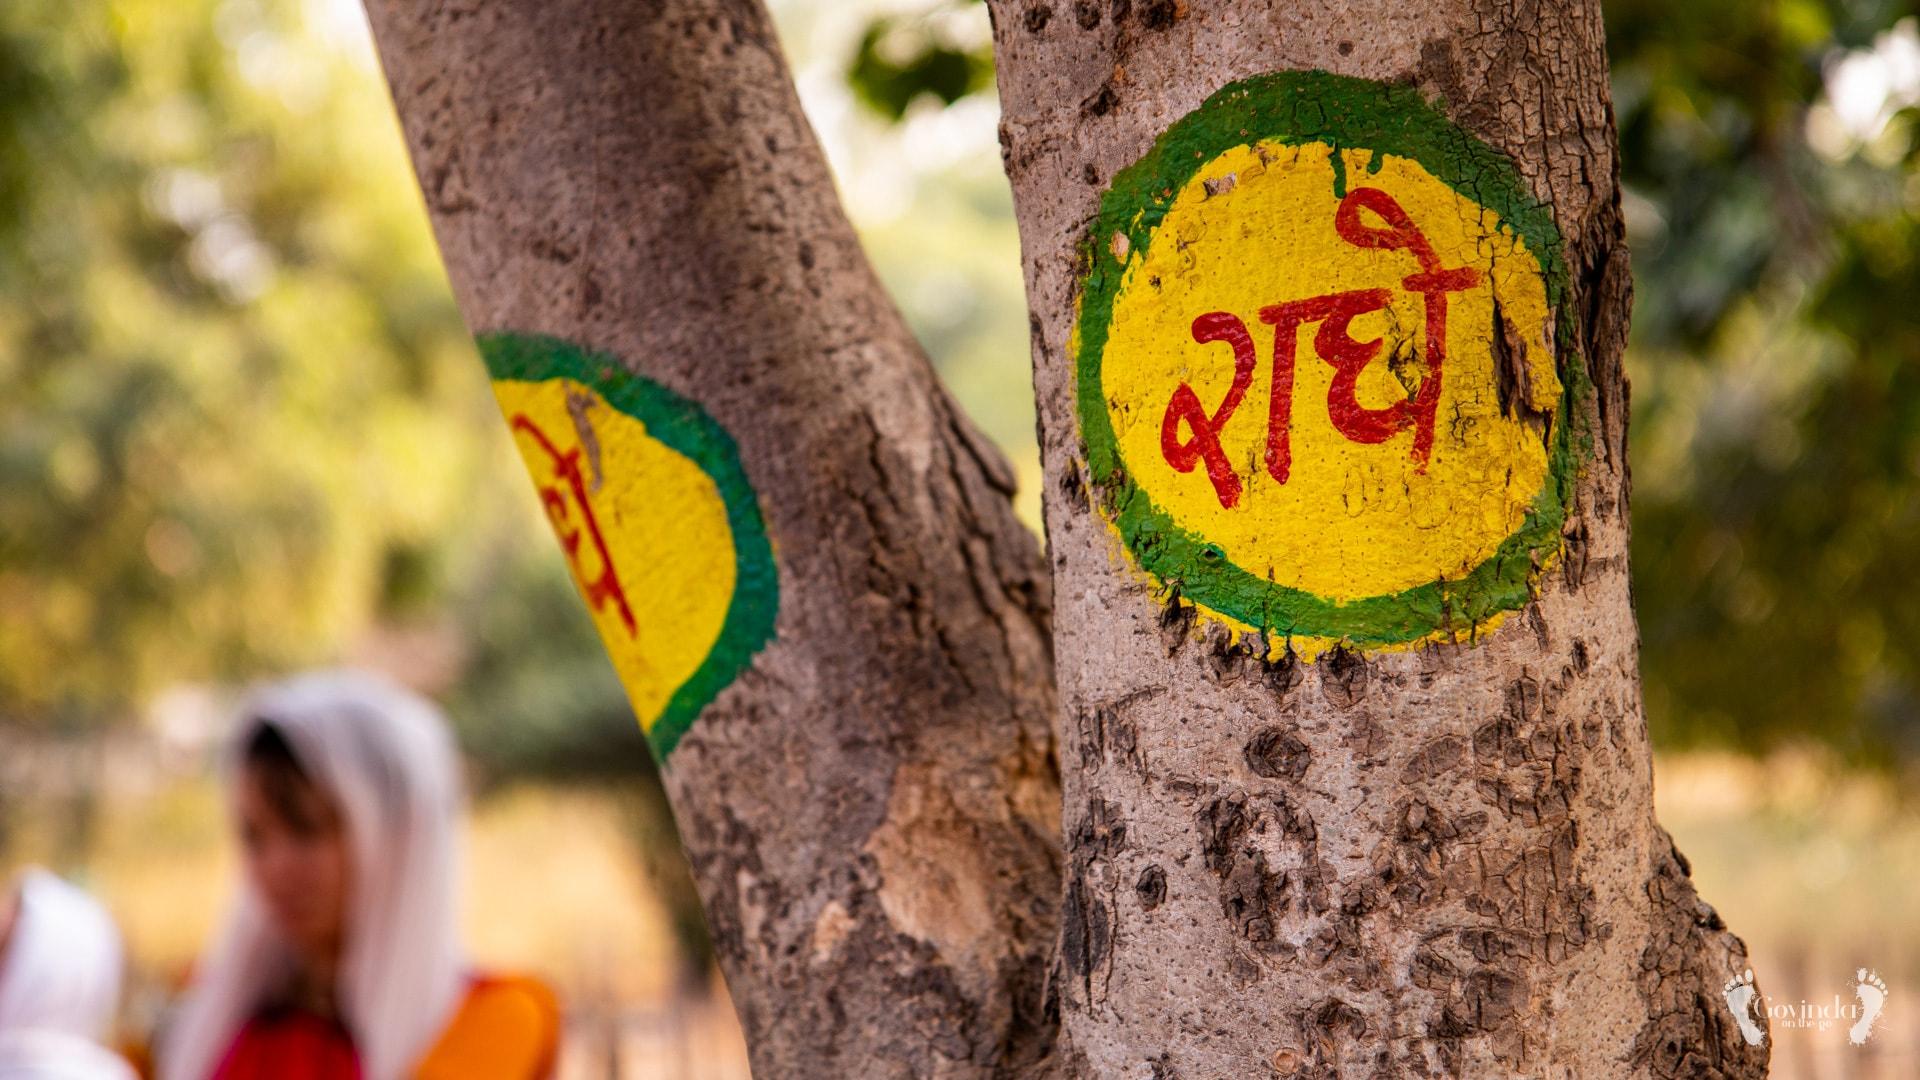 Radharani name stamped on tree at Govardhan hill